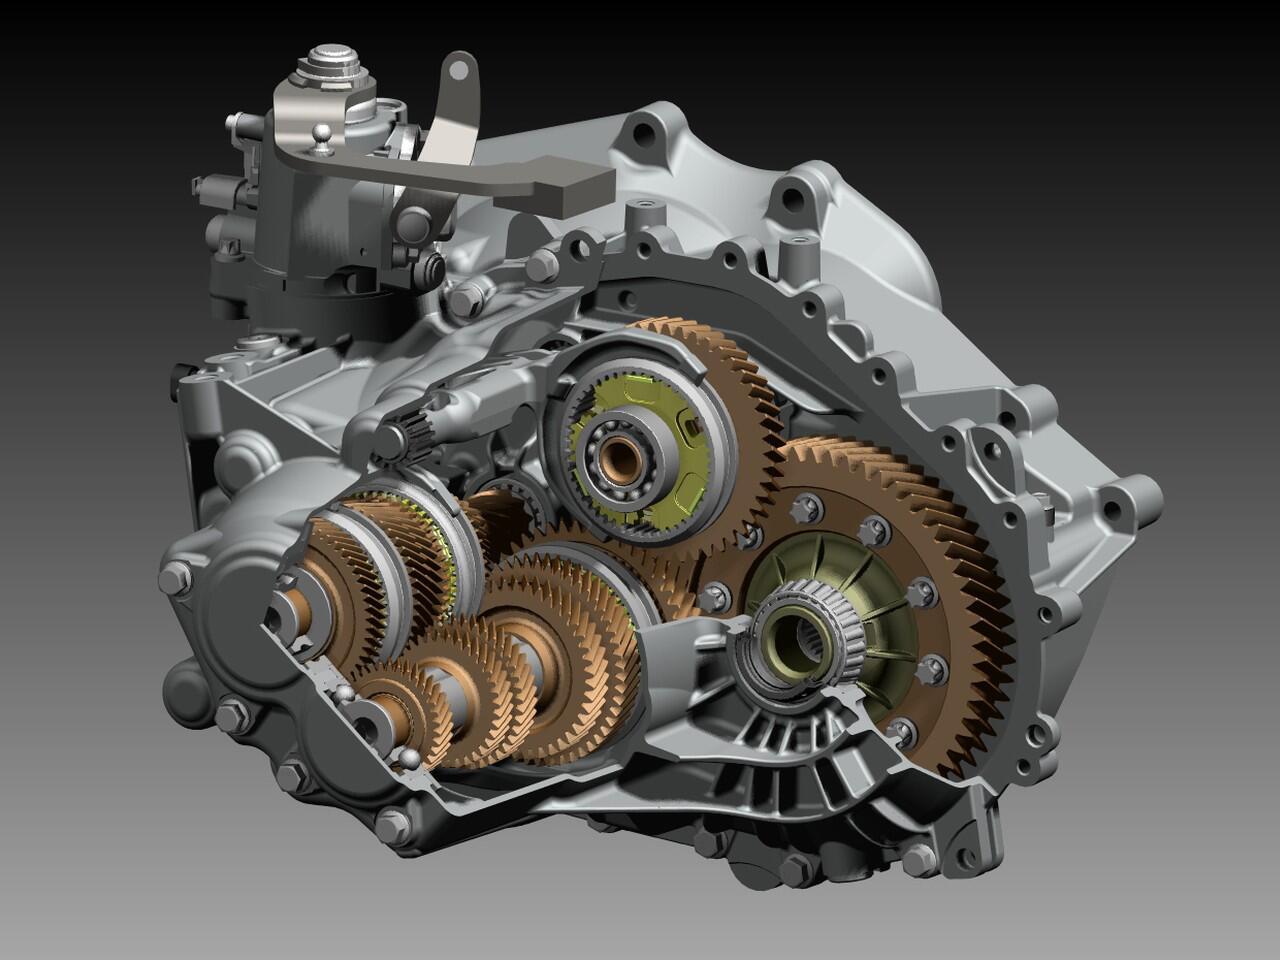 Bild zu Sechsgang-Schaltgetriebe von Opel: Verfügt über neues Geriebeöl mit hoher Viskosität